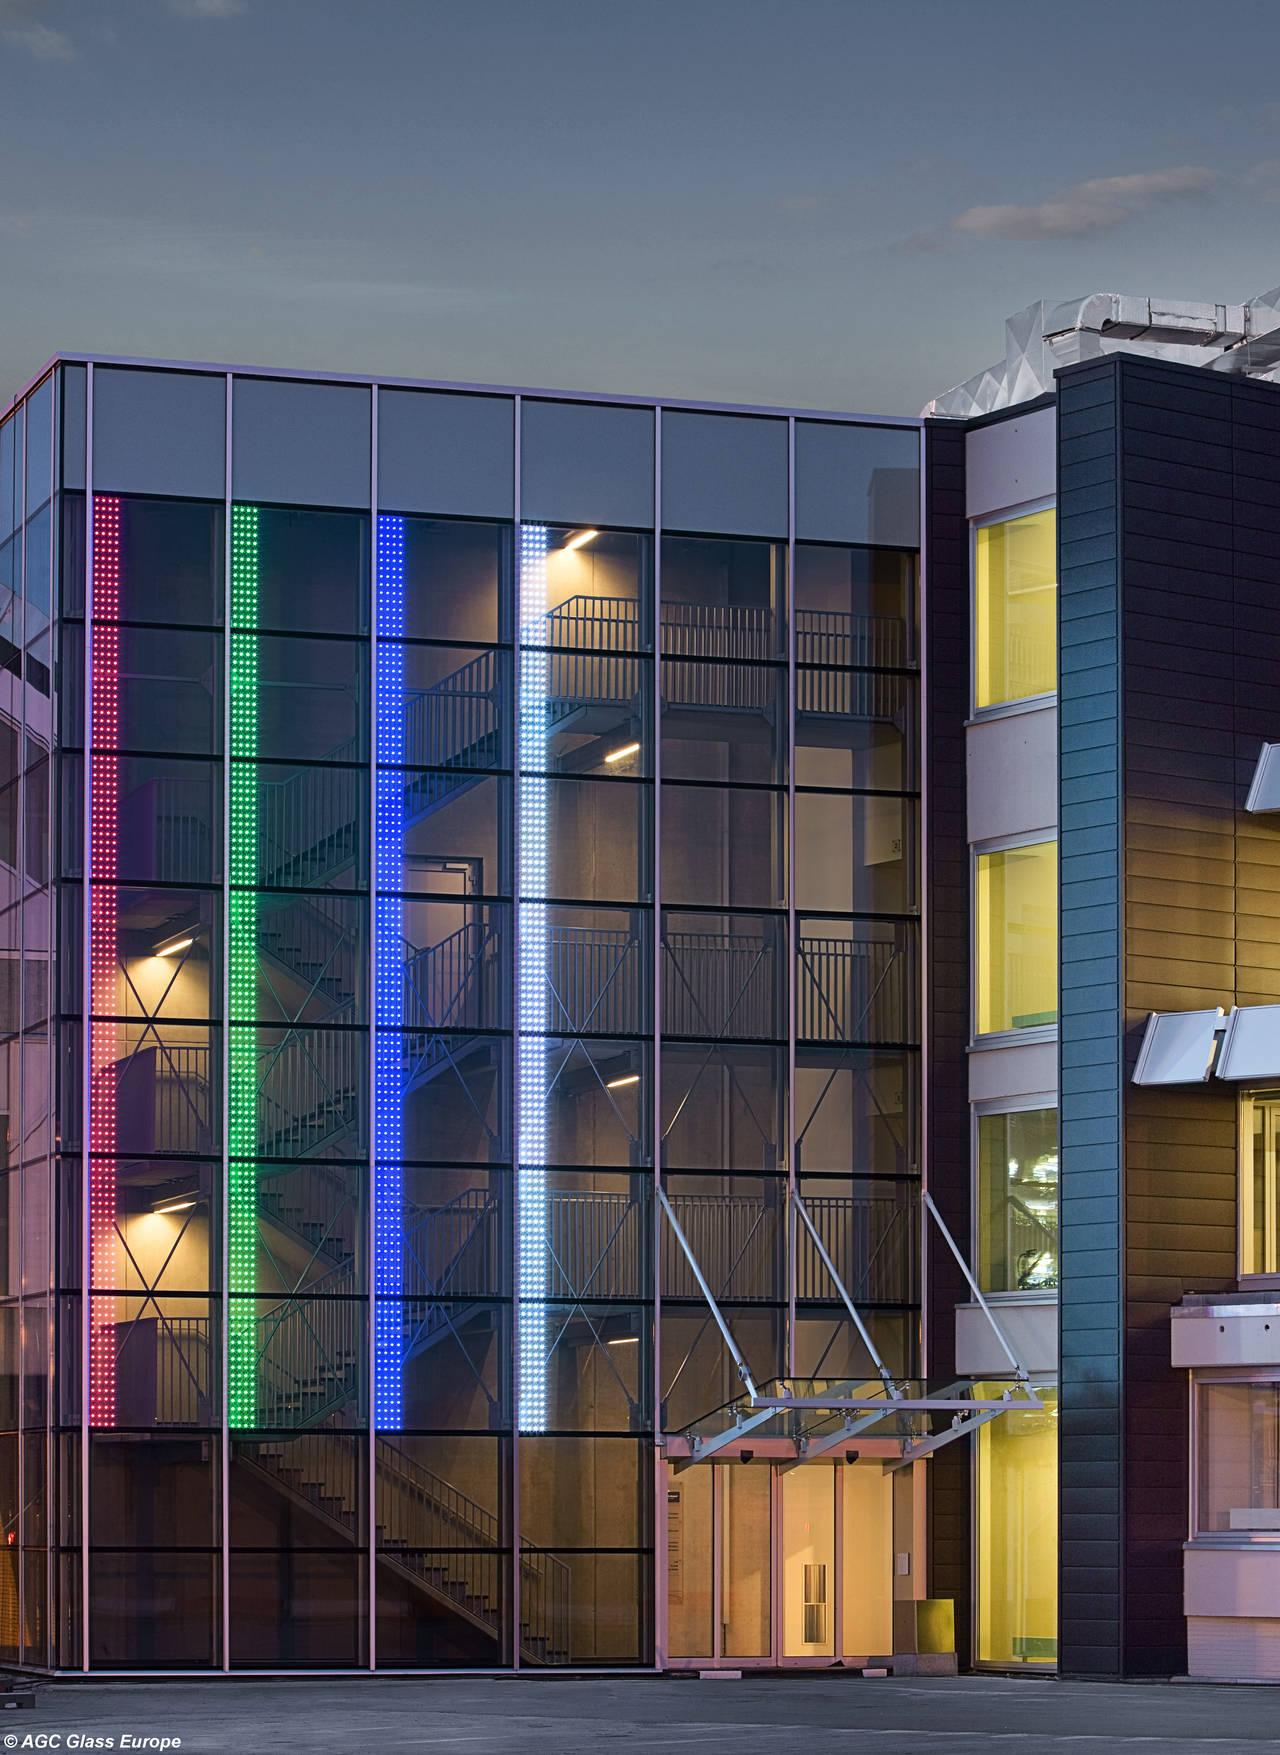 La facciata dell'aeroporto di Bruxelles, realizzata con il vetro Glassiled di AGC. Photo by Jean-Michel Byl. © AGC Glass Europe